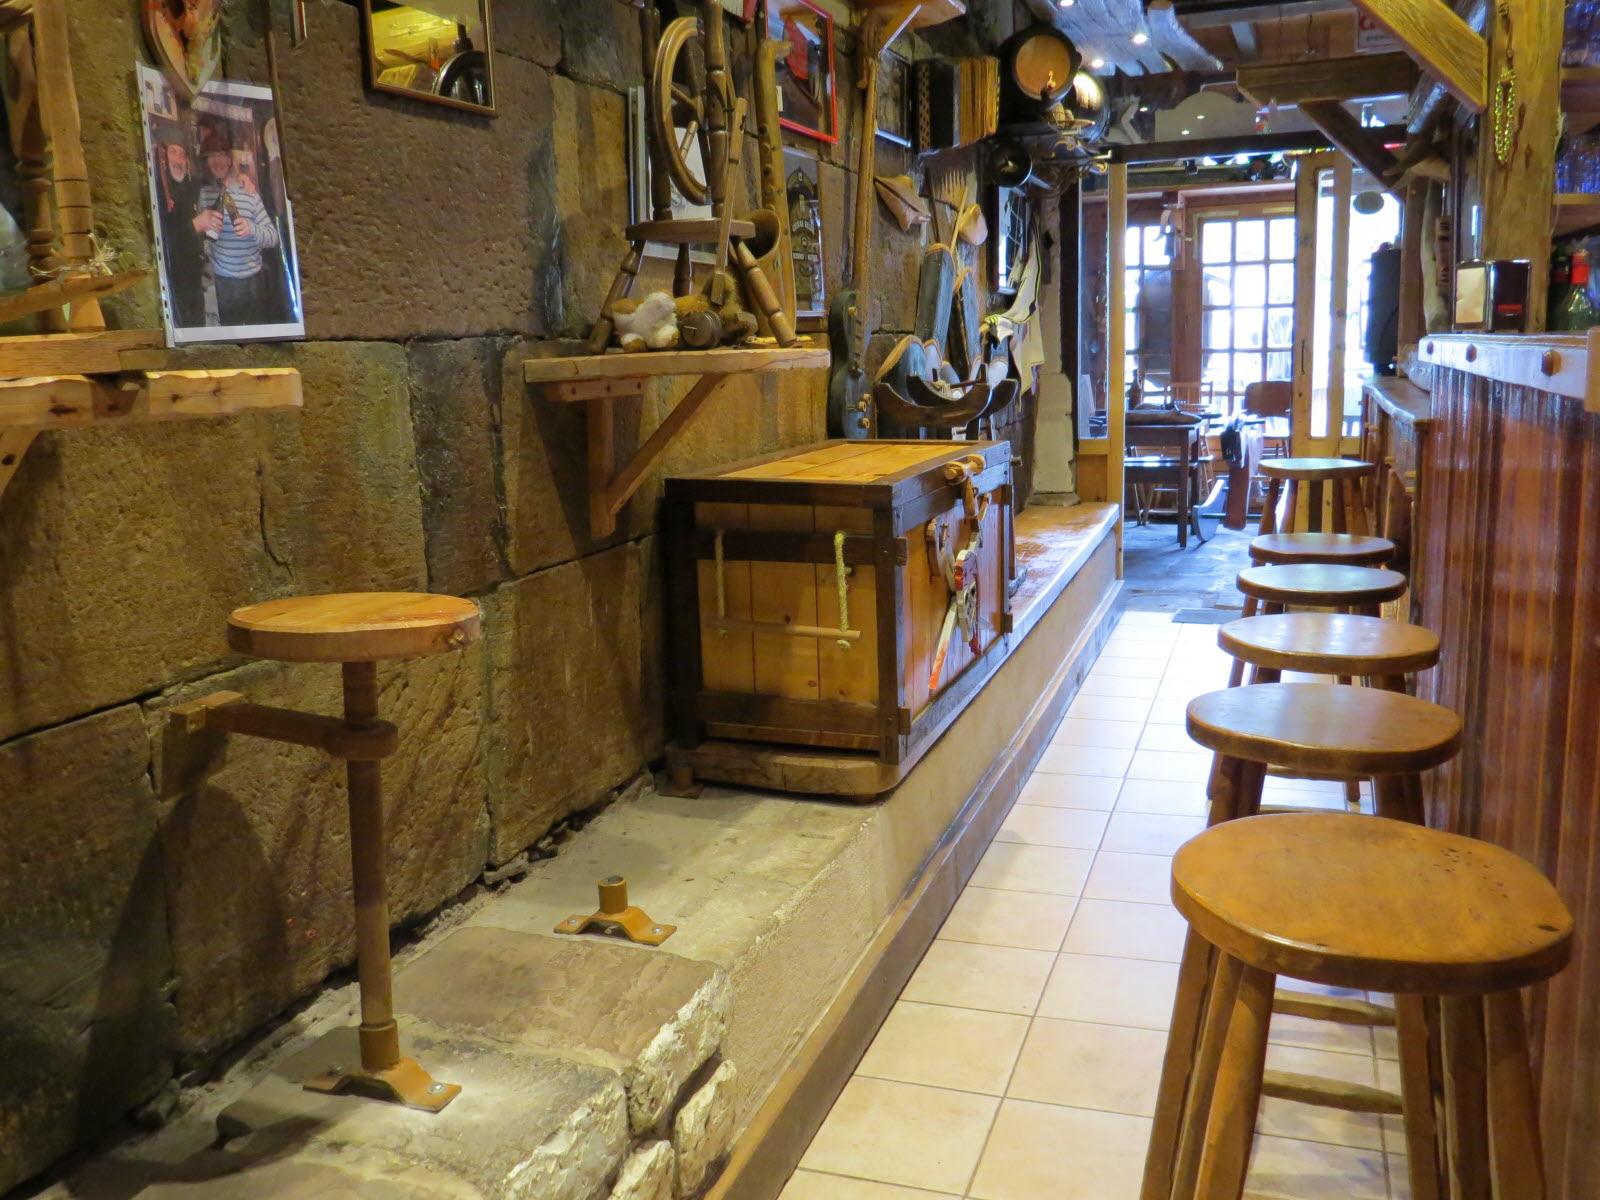 la-ferme-saint-vallier-du-girmont-val-d-ajol-en-images-1470862123_4